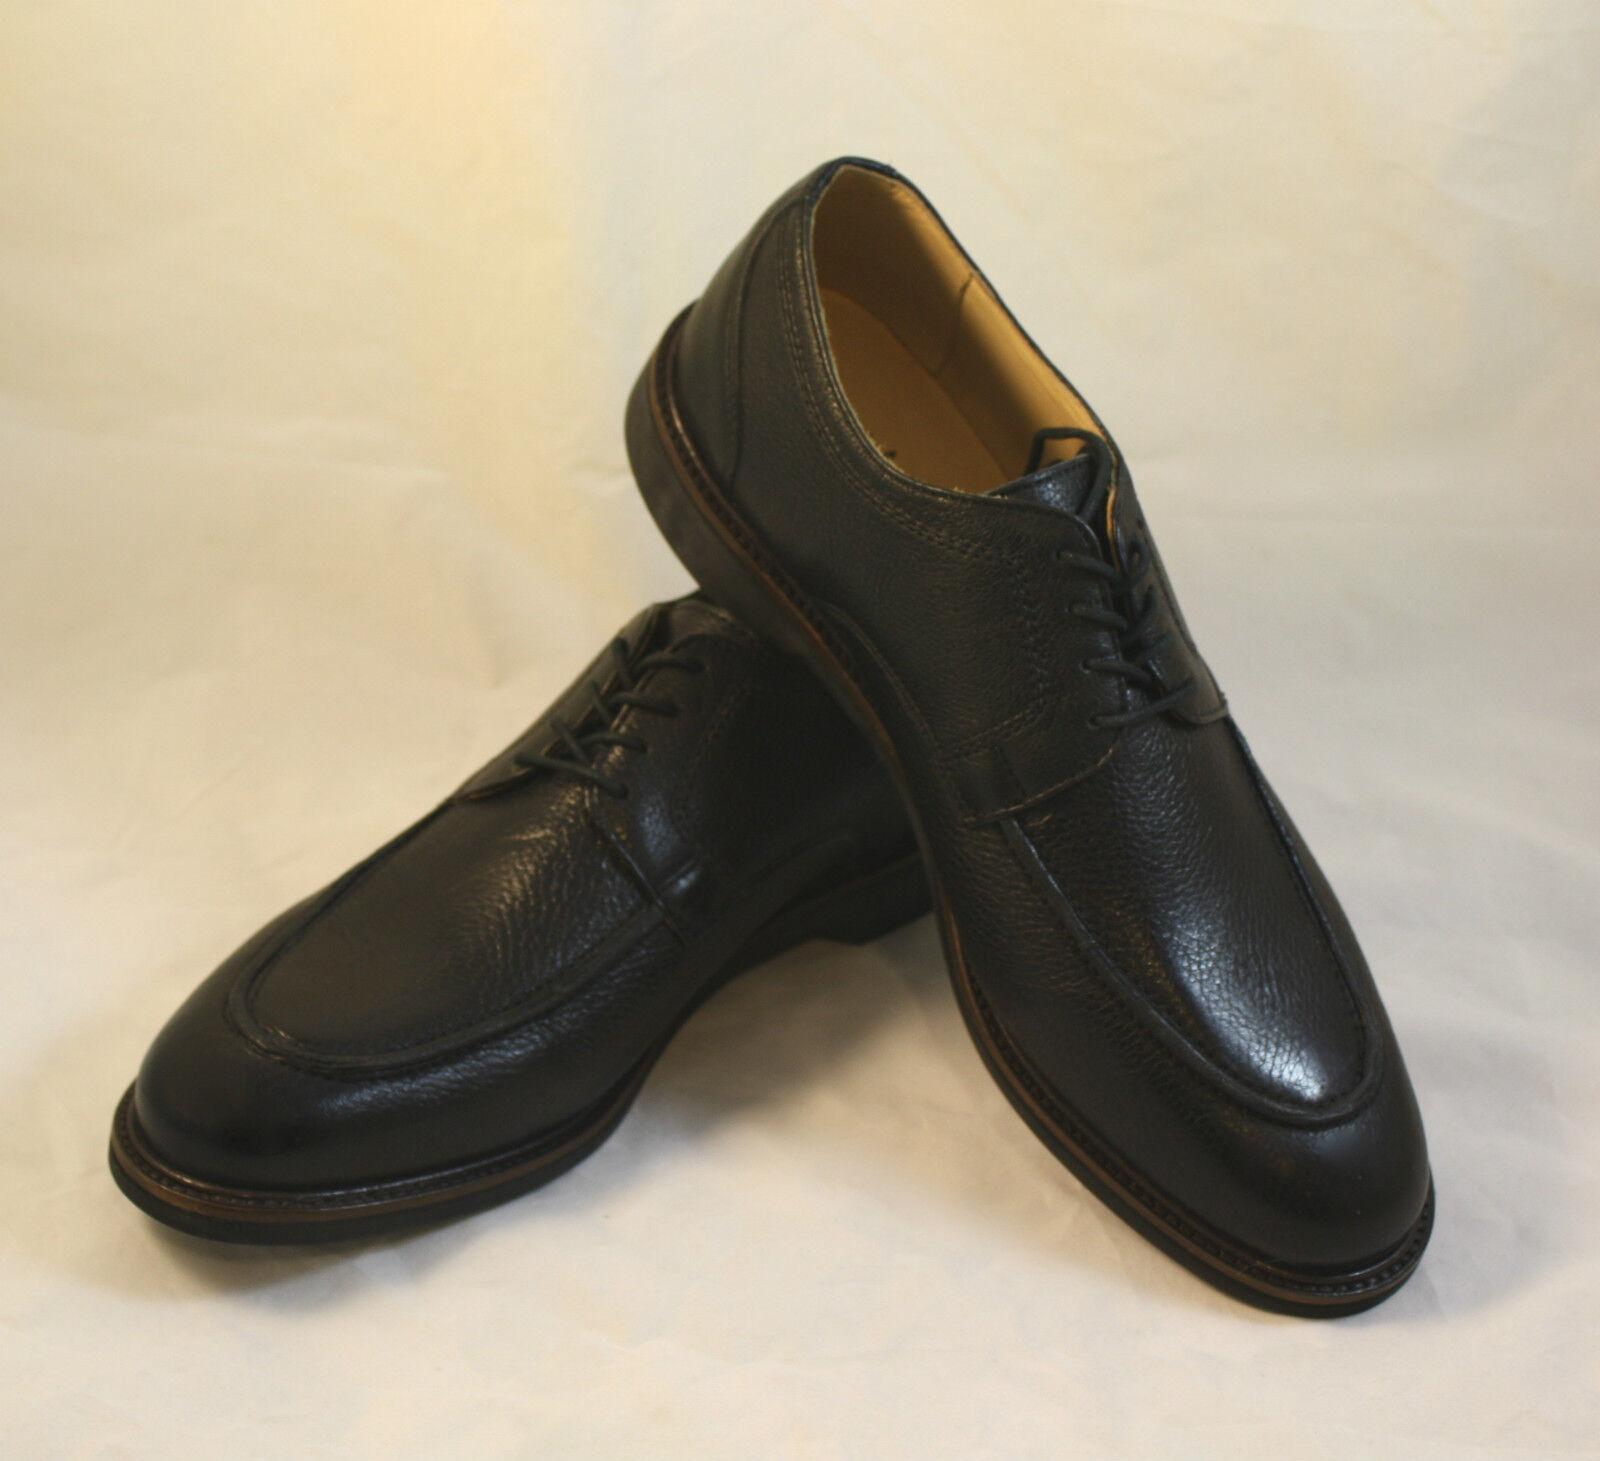 vieni a scegliere il tuo stile sportivo New Uomo Martin Martin Martin Dingman scarpe Ernest Leather Lace Up nero Oxfords  bellissima